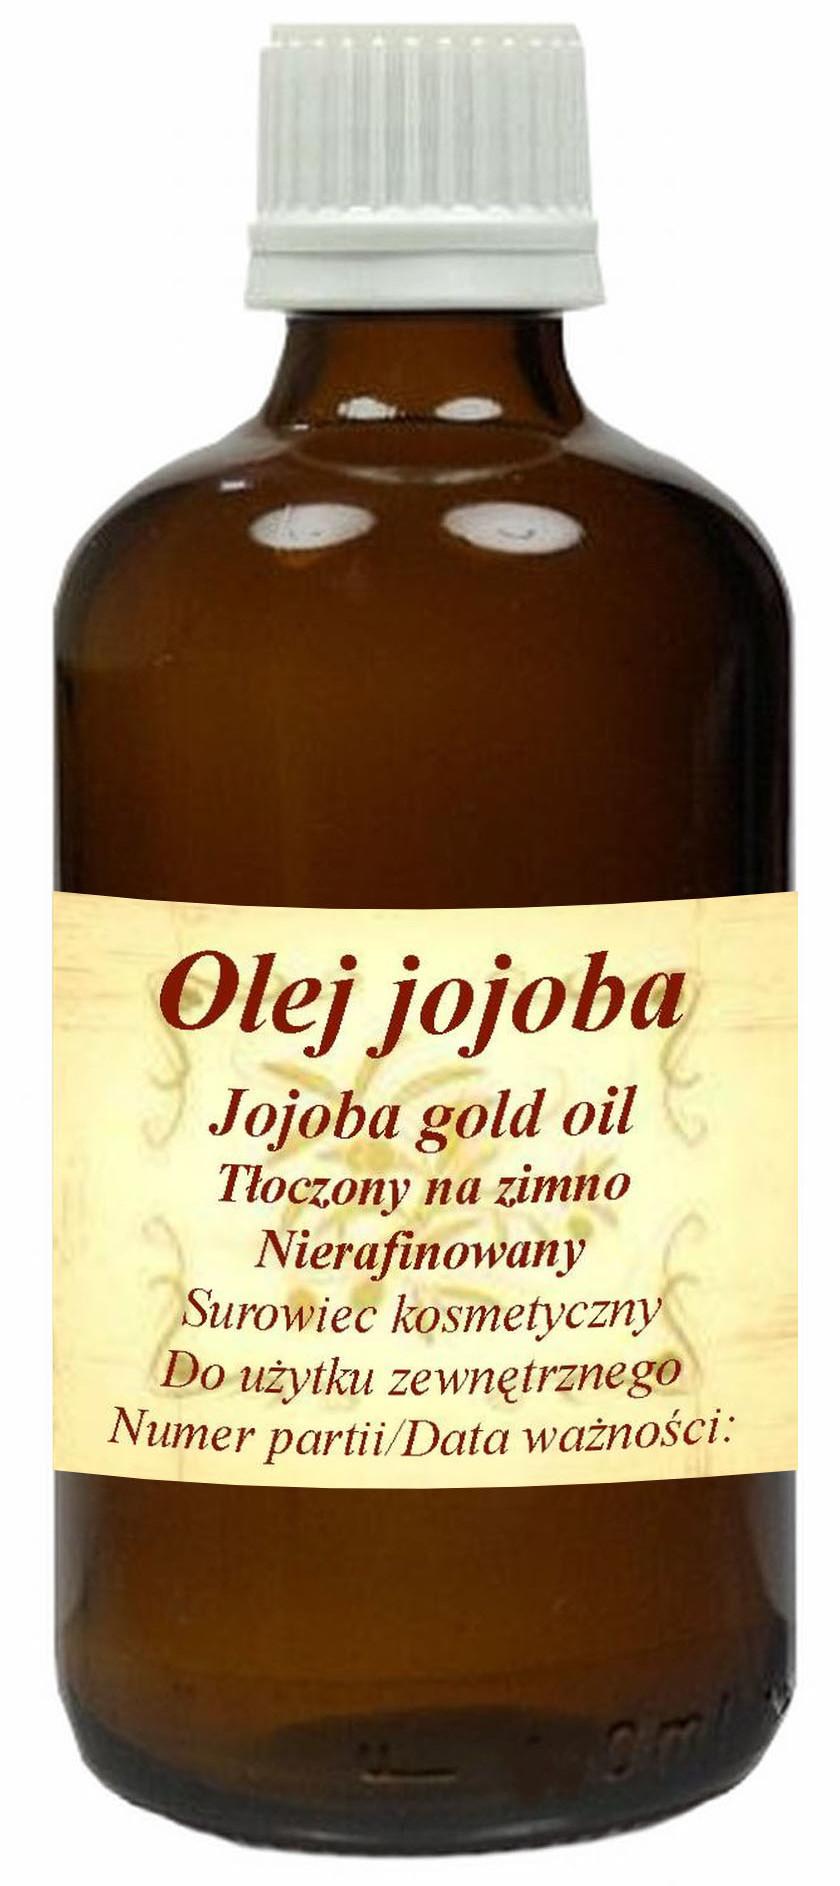 Olej Jojoba Gold 50ml- zimnotłoczony nierafinowany